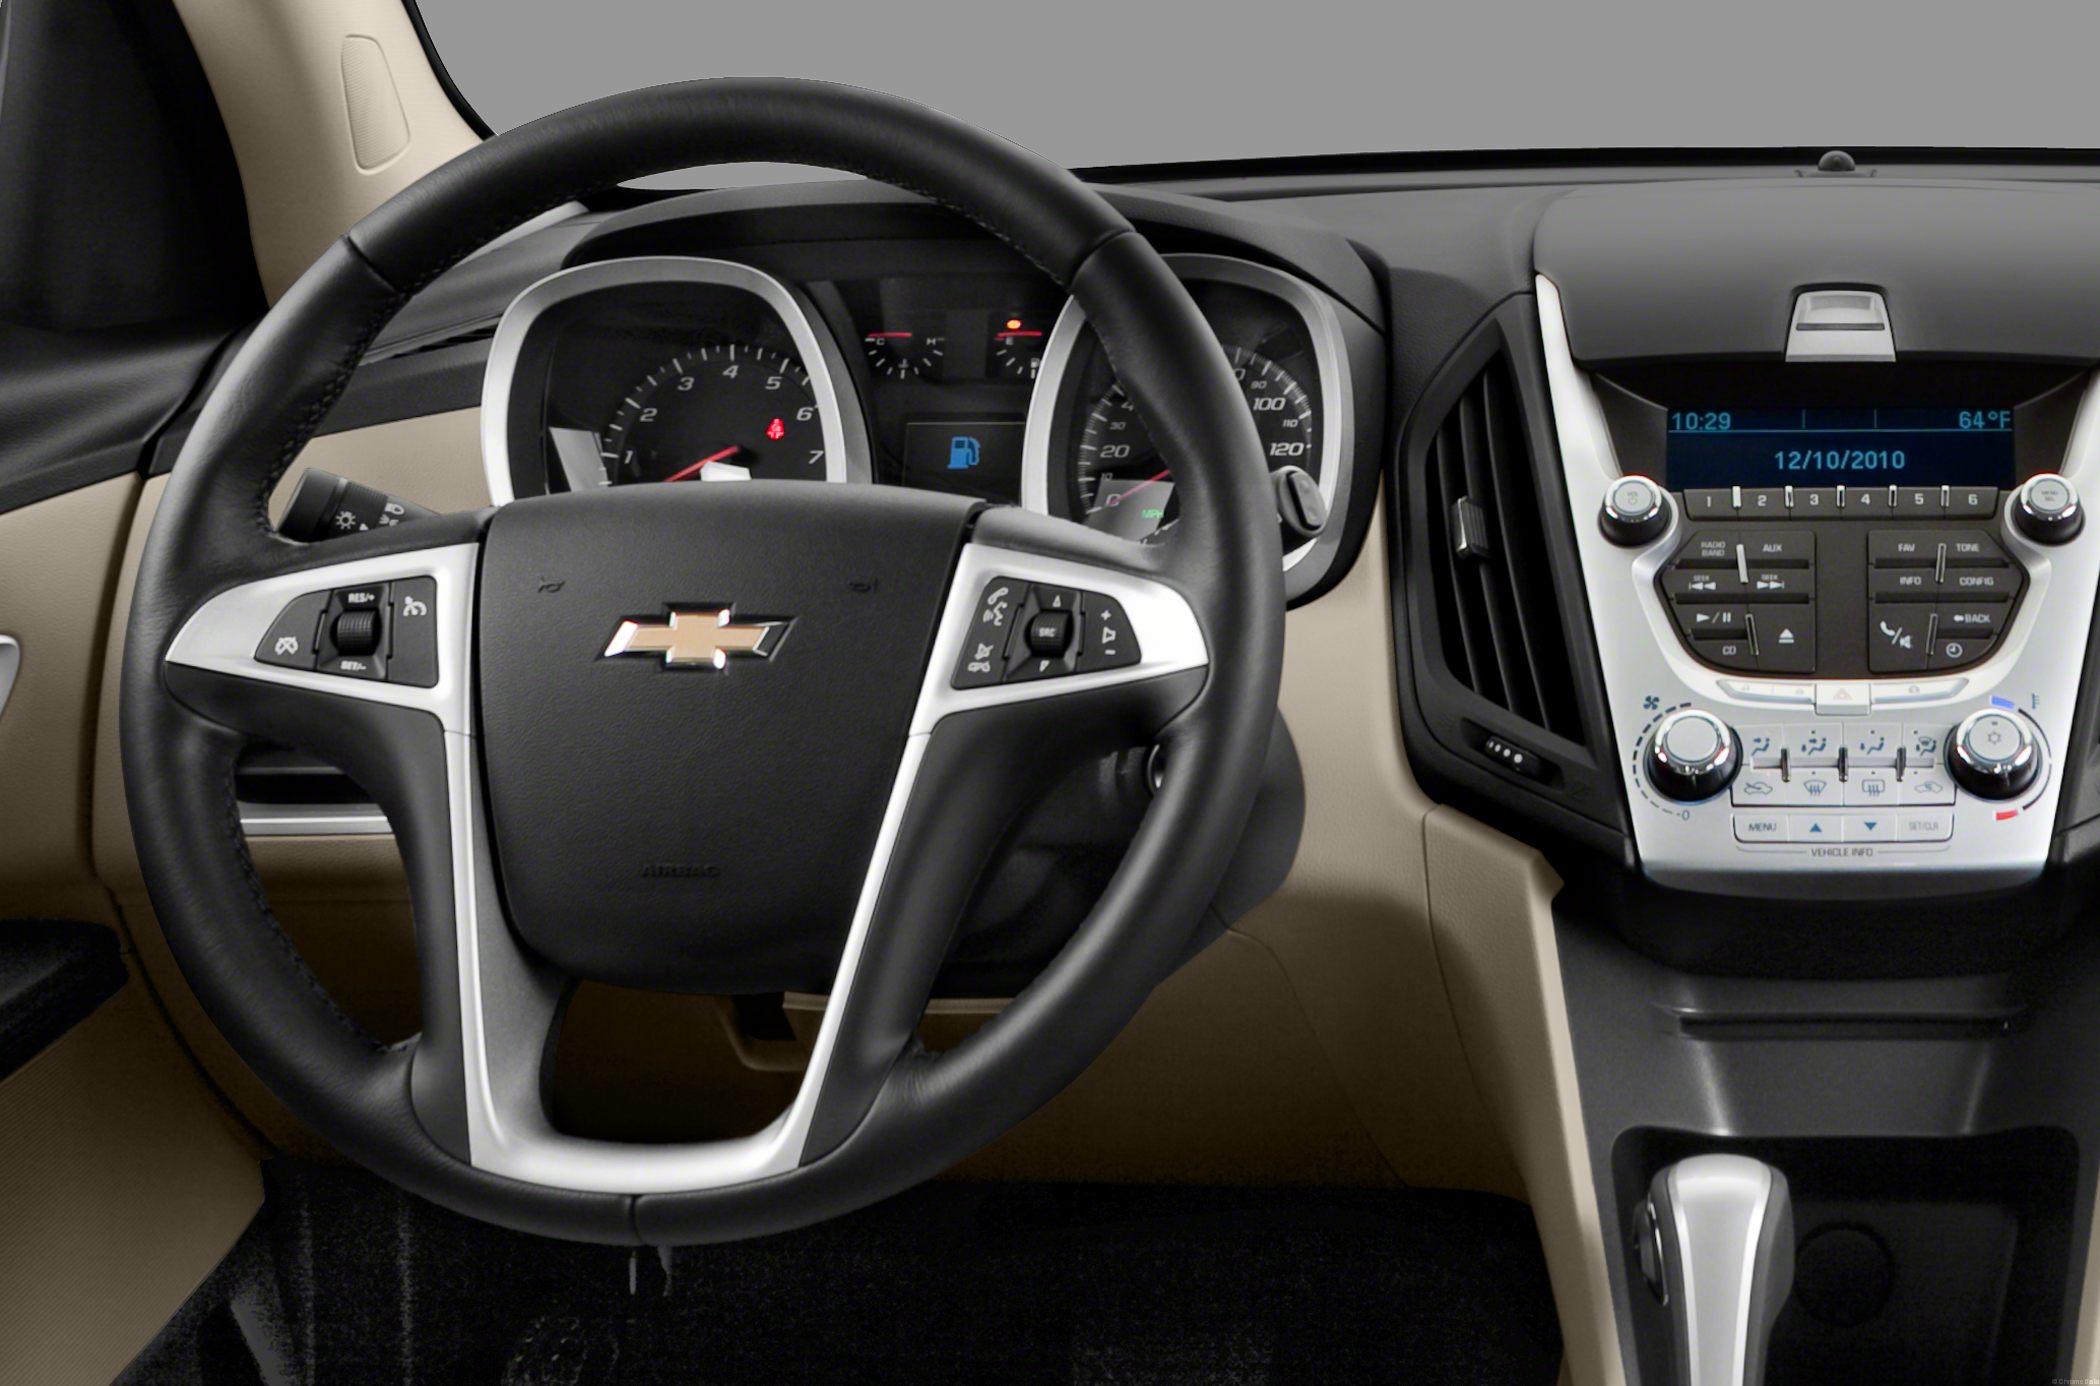 2013 Chevrolet Equinox Image 18